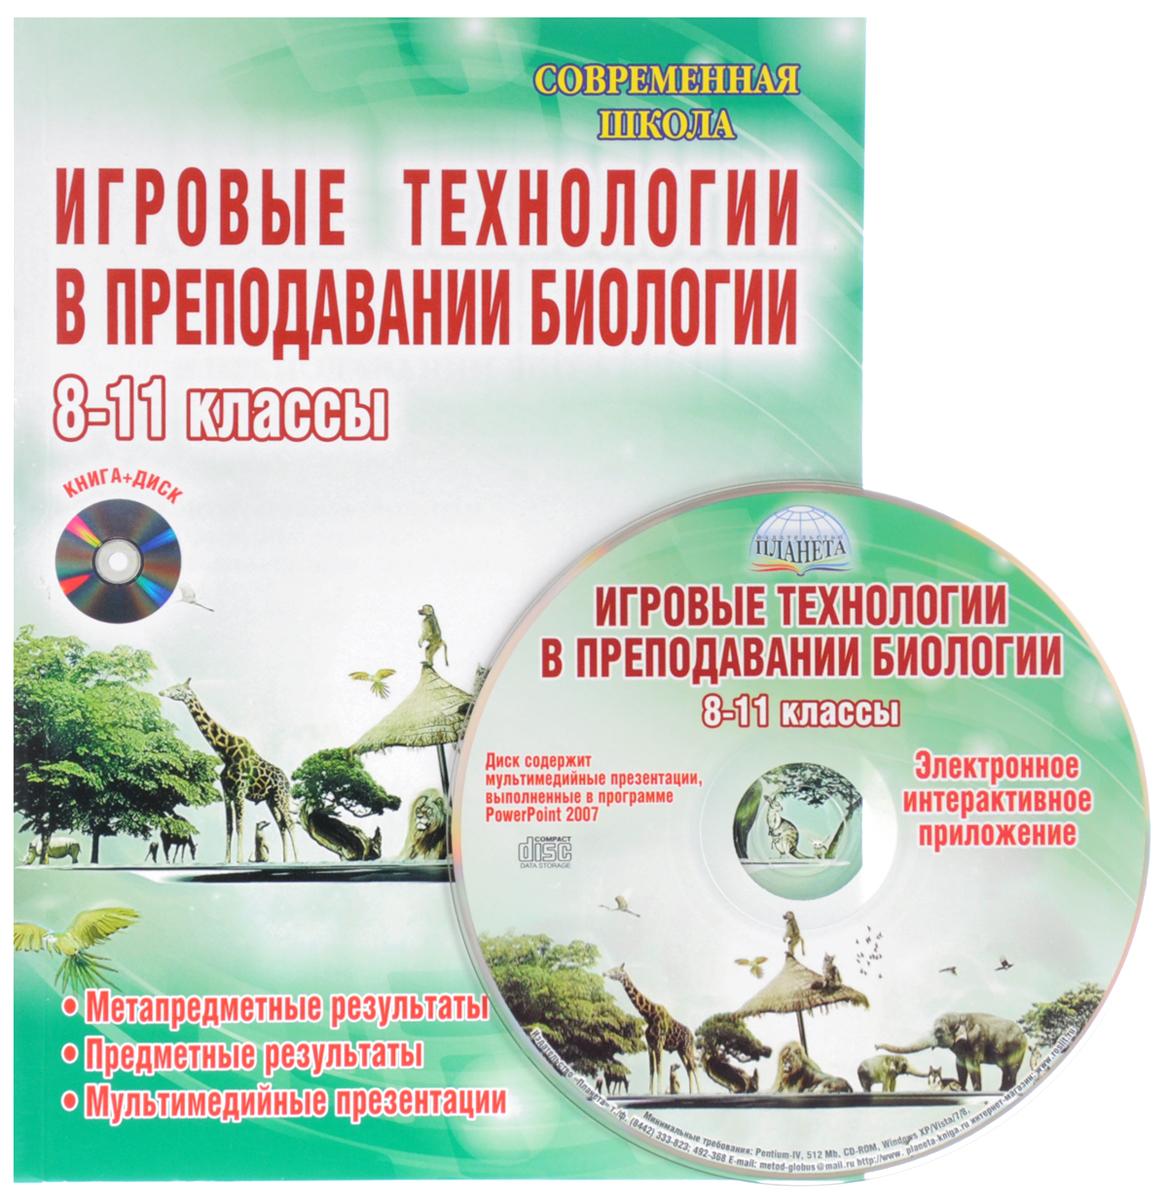 Биология. 8-11 классы. Игровые технологии в преподавании (+ CD-ROM)